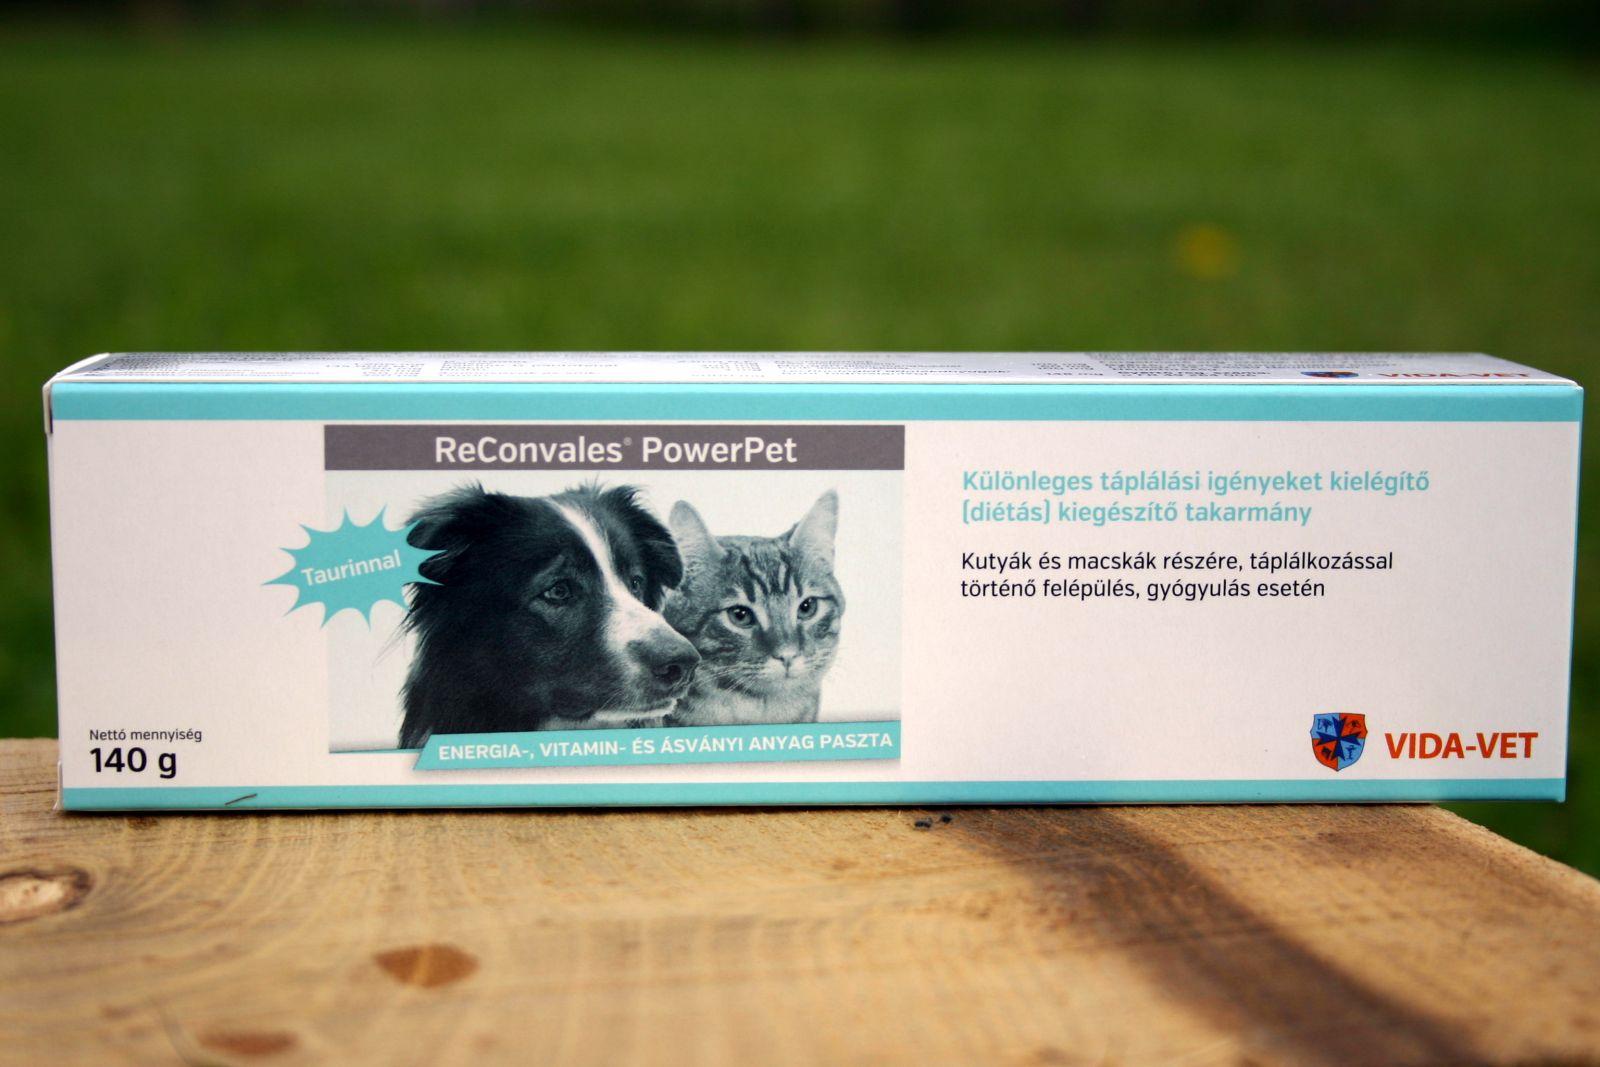 Reconvales® PowerPet 140g - energia és vitamin paszta kutyáknak és macskáknak. Taurinnal